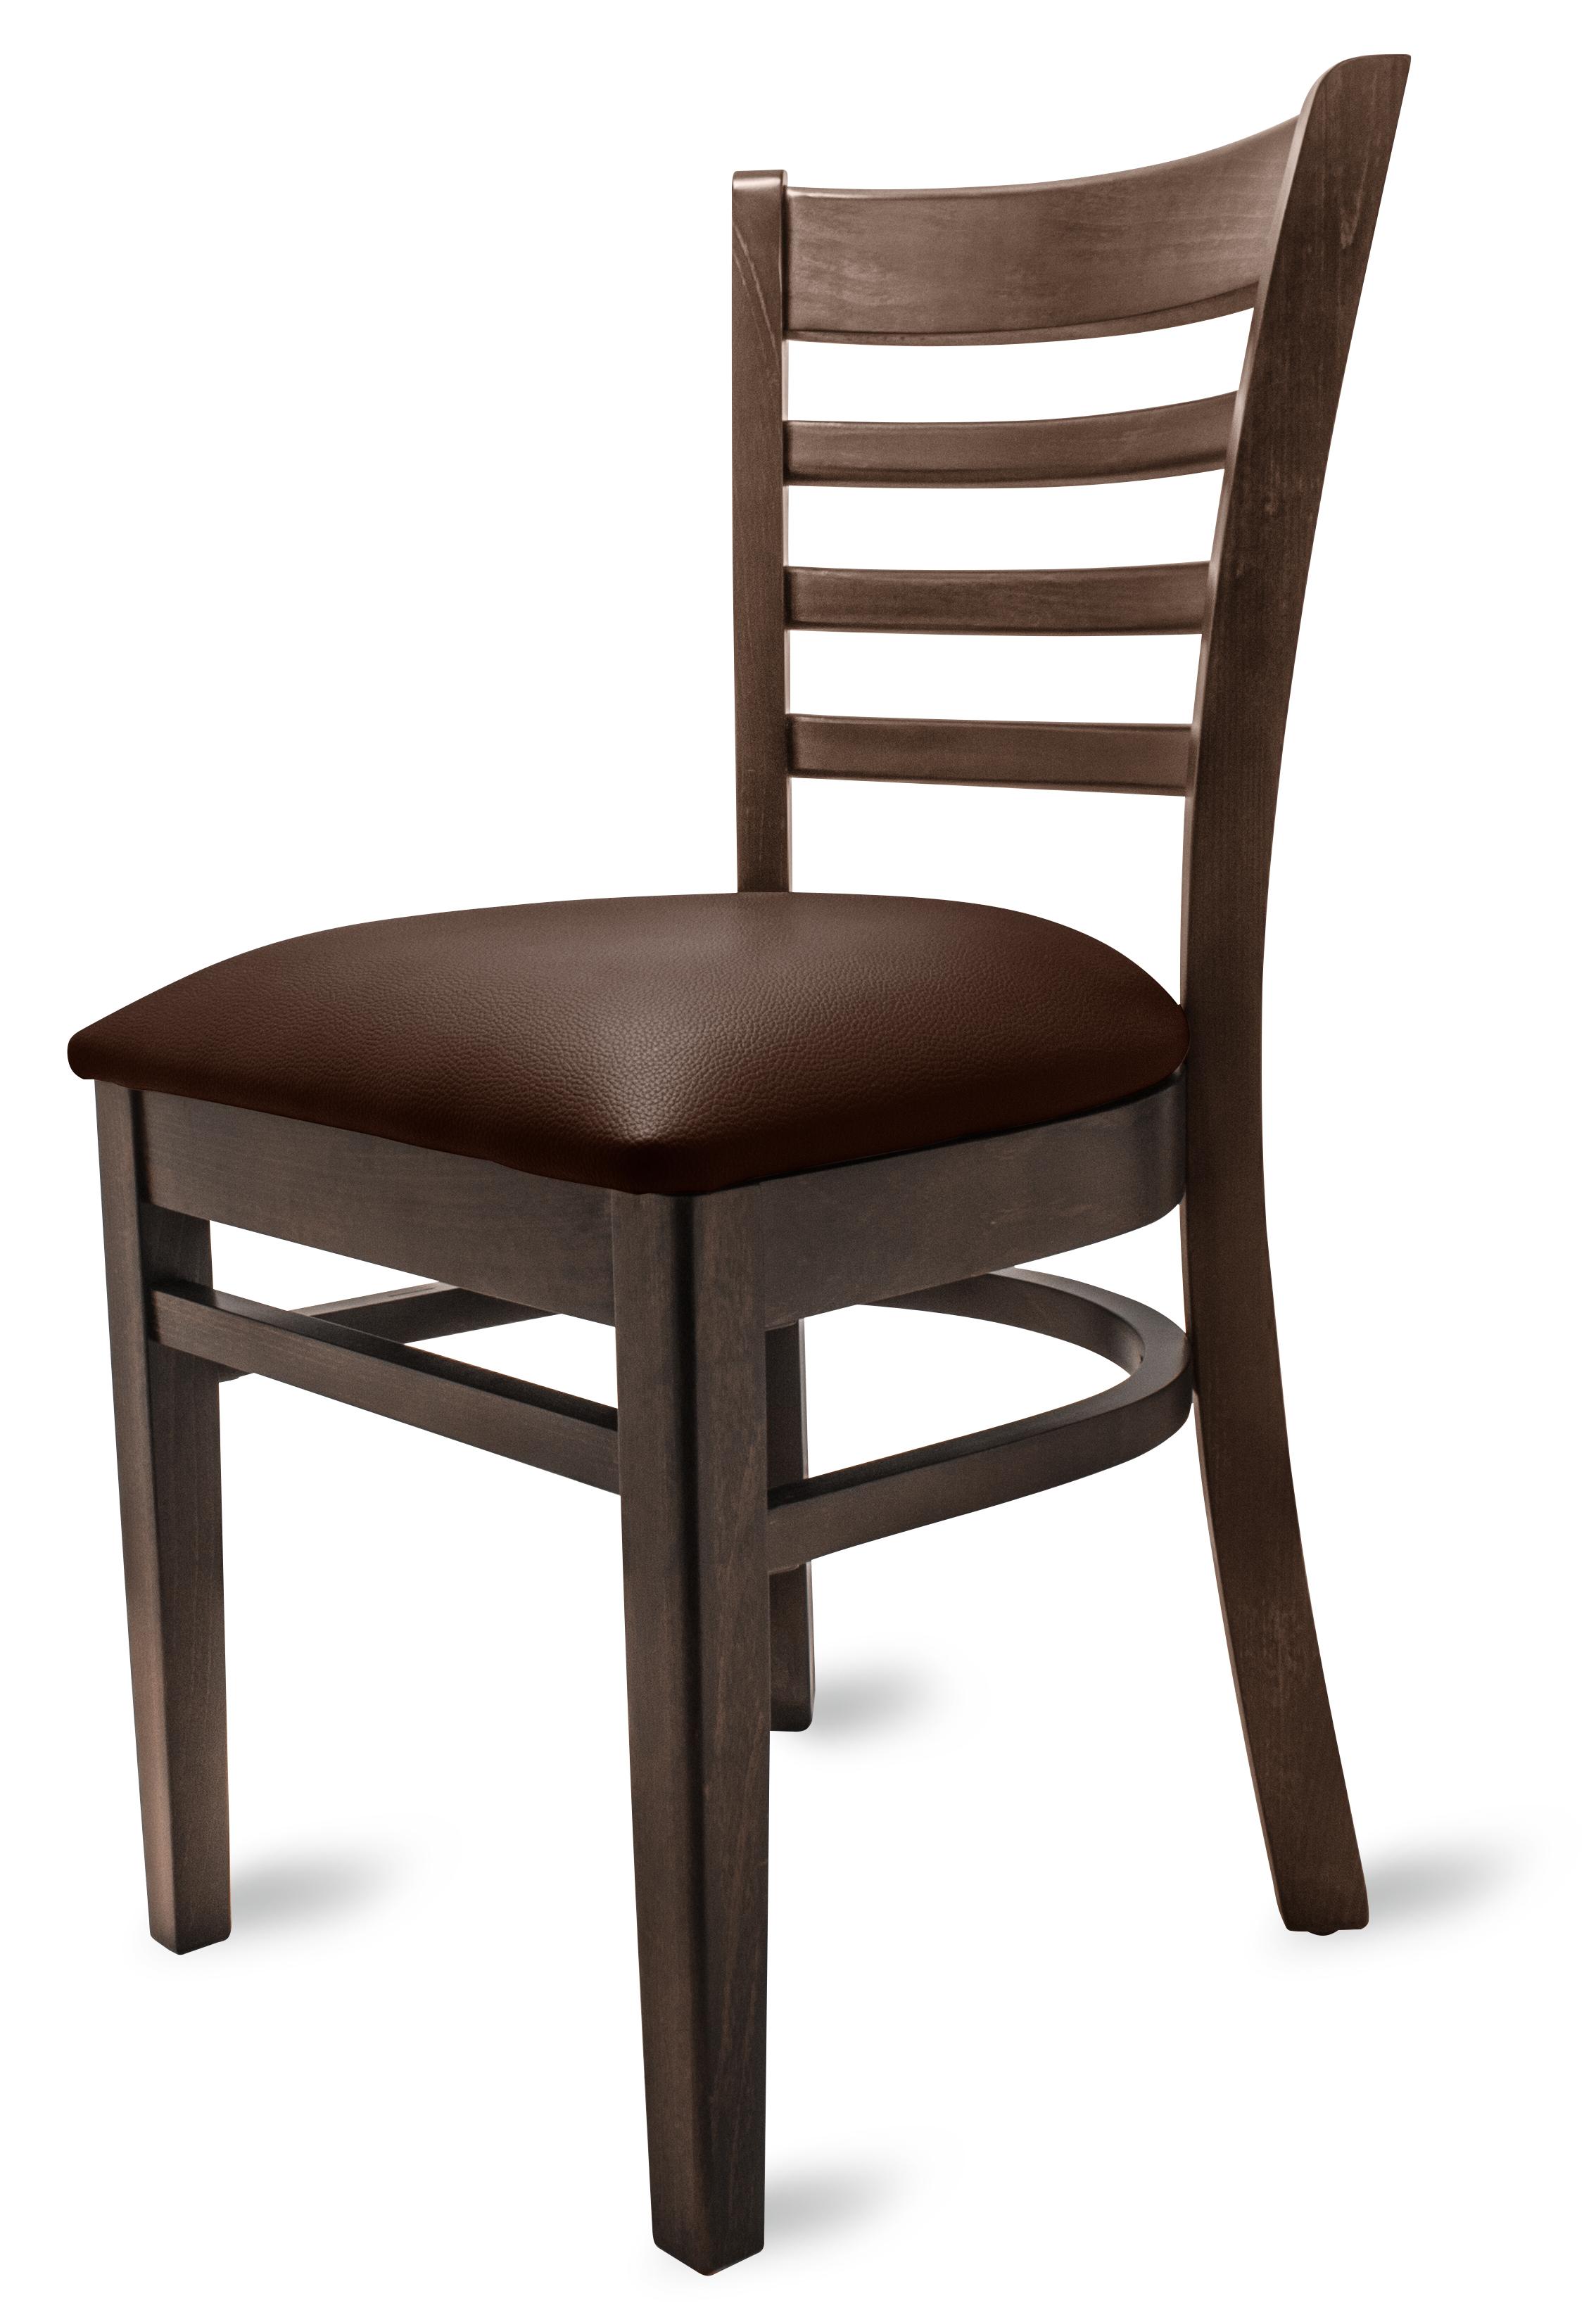 gastro stuhl nanni sitz in braun g nstig kaufen m bel star. Black Bedroom Furniture Sets. Home Design Ideas